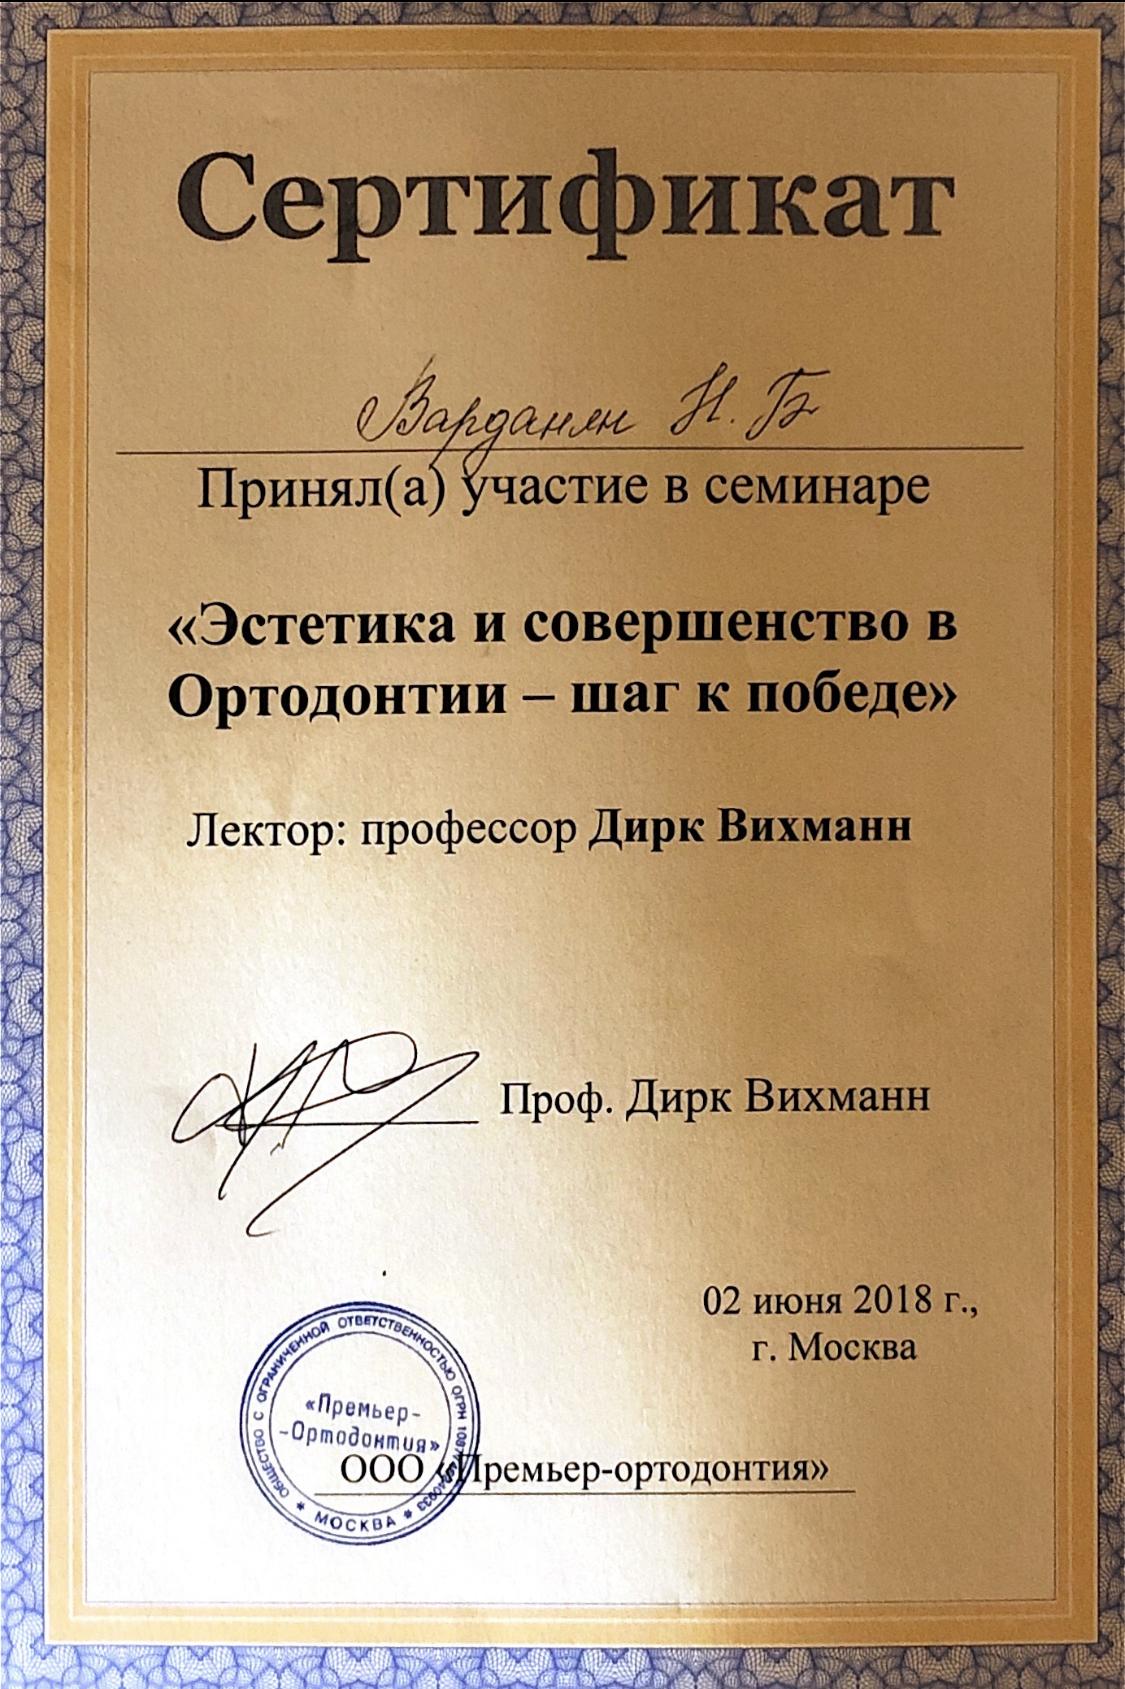 Варданян Нелли Бабкеновна-Сертификат_03